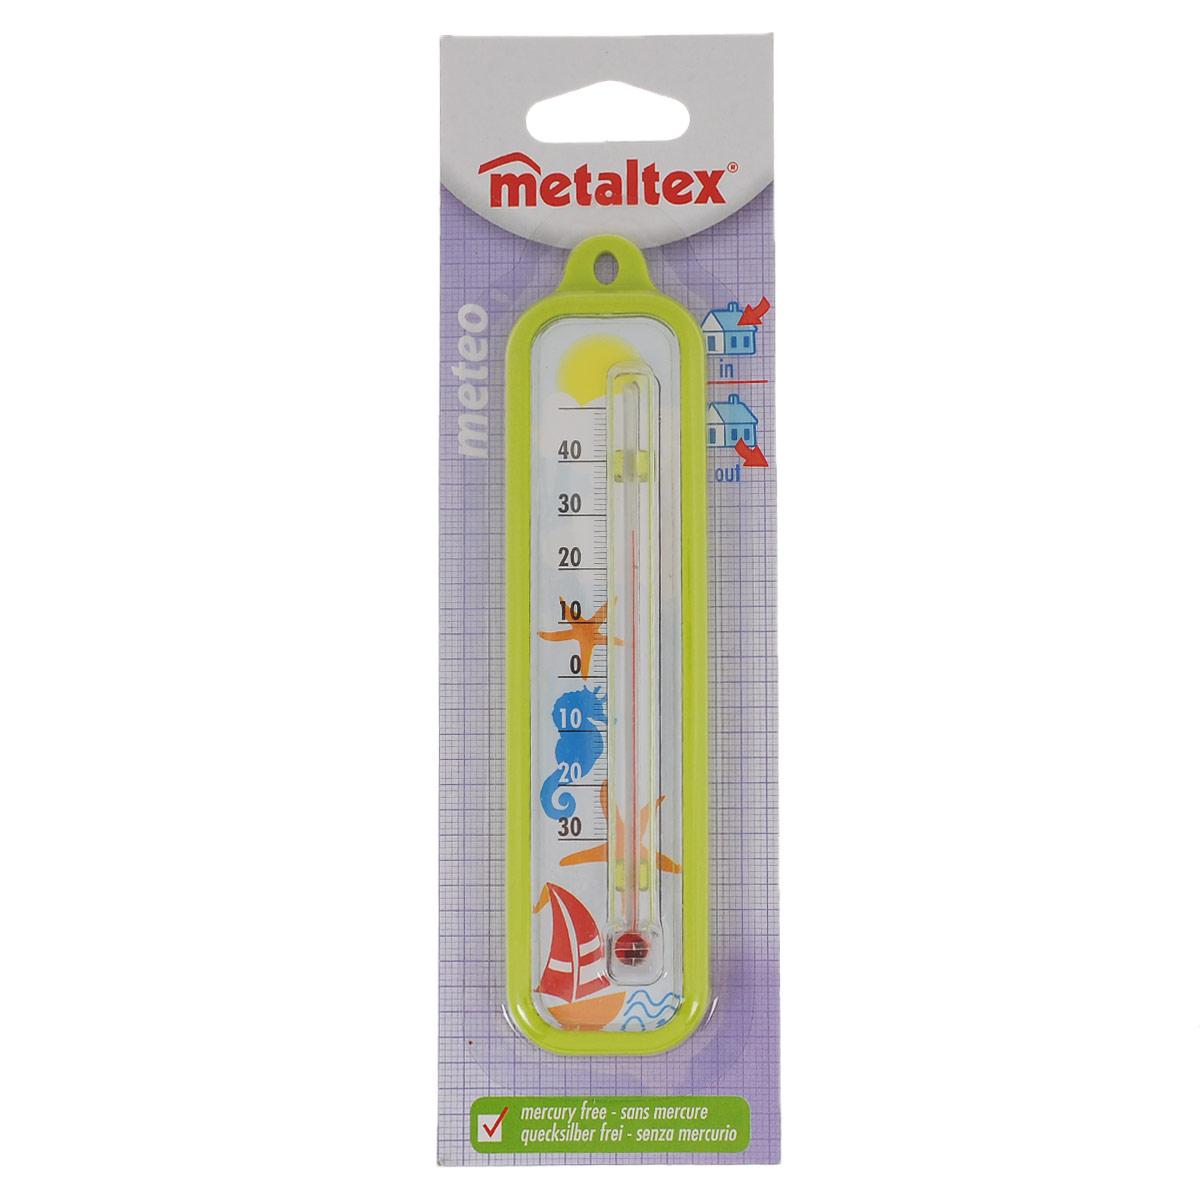 Термометр Metaltex Meteo, цвет: салатовый29.80.03Термометр Metaltex Meteo выполнен из пластика и оснащен шкалой с крупными цифрами. Он предназначен для измерения температуры воздуха в помещении. Экологически безопасный термометр - не содержит ртуть.